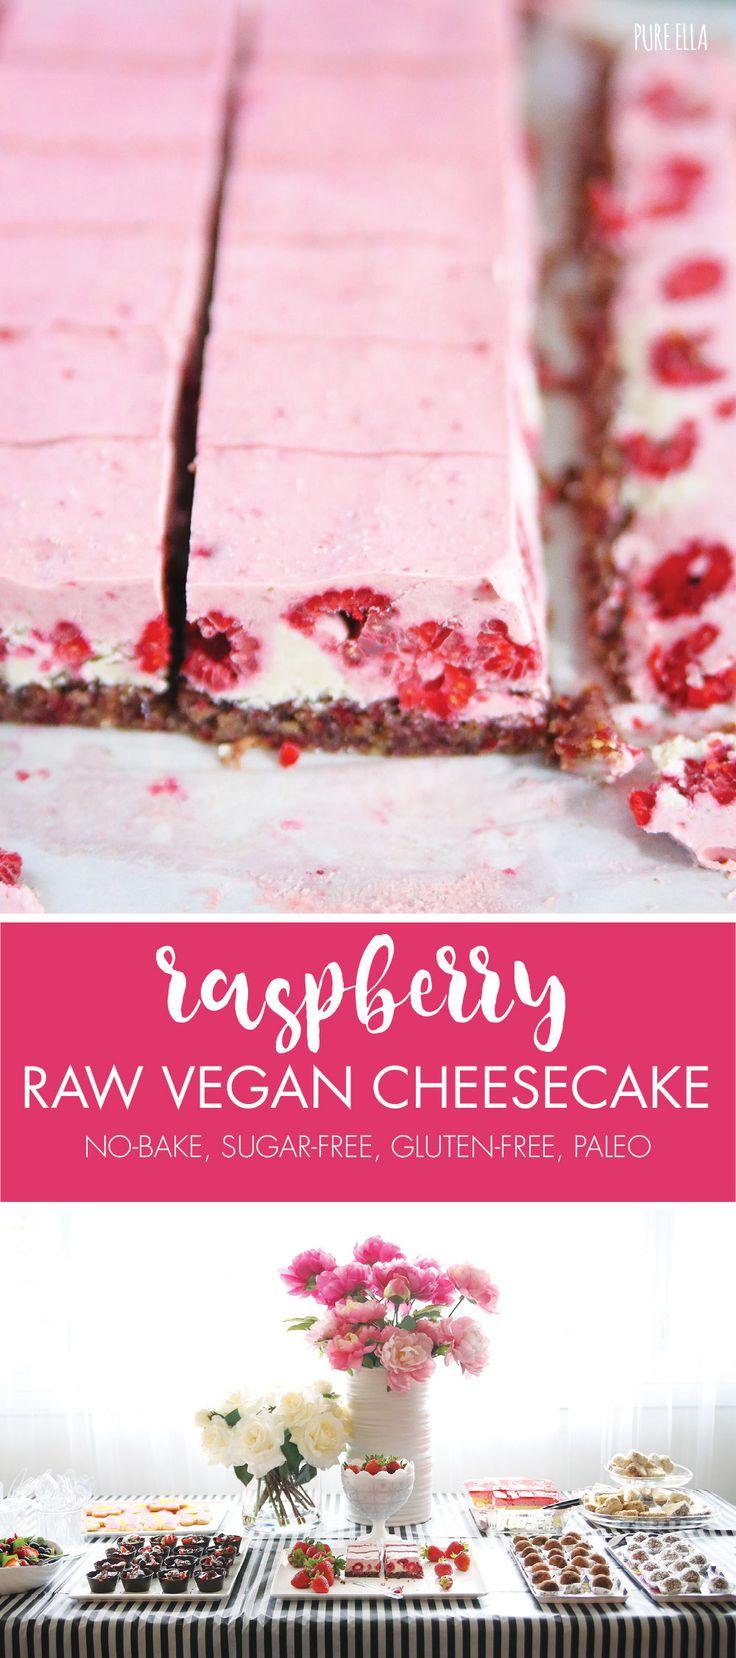 Raw Raspberry Vegan Cheesecake